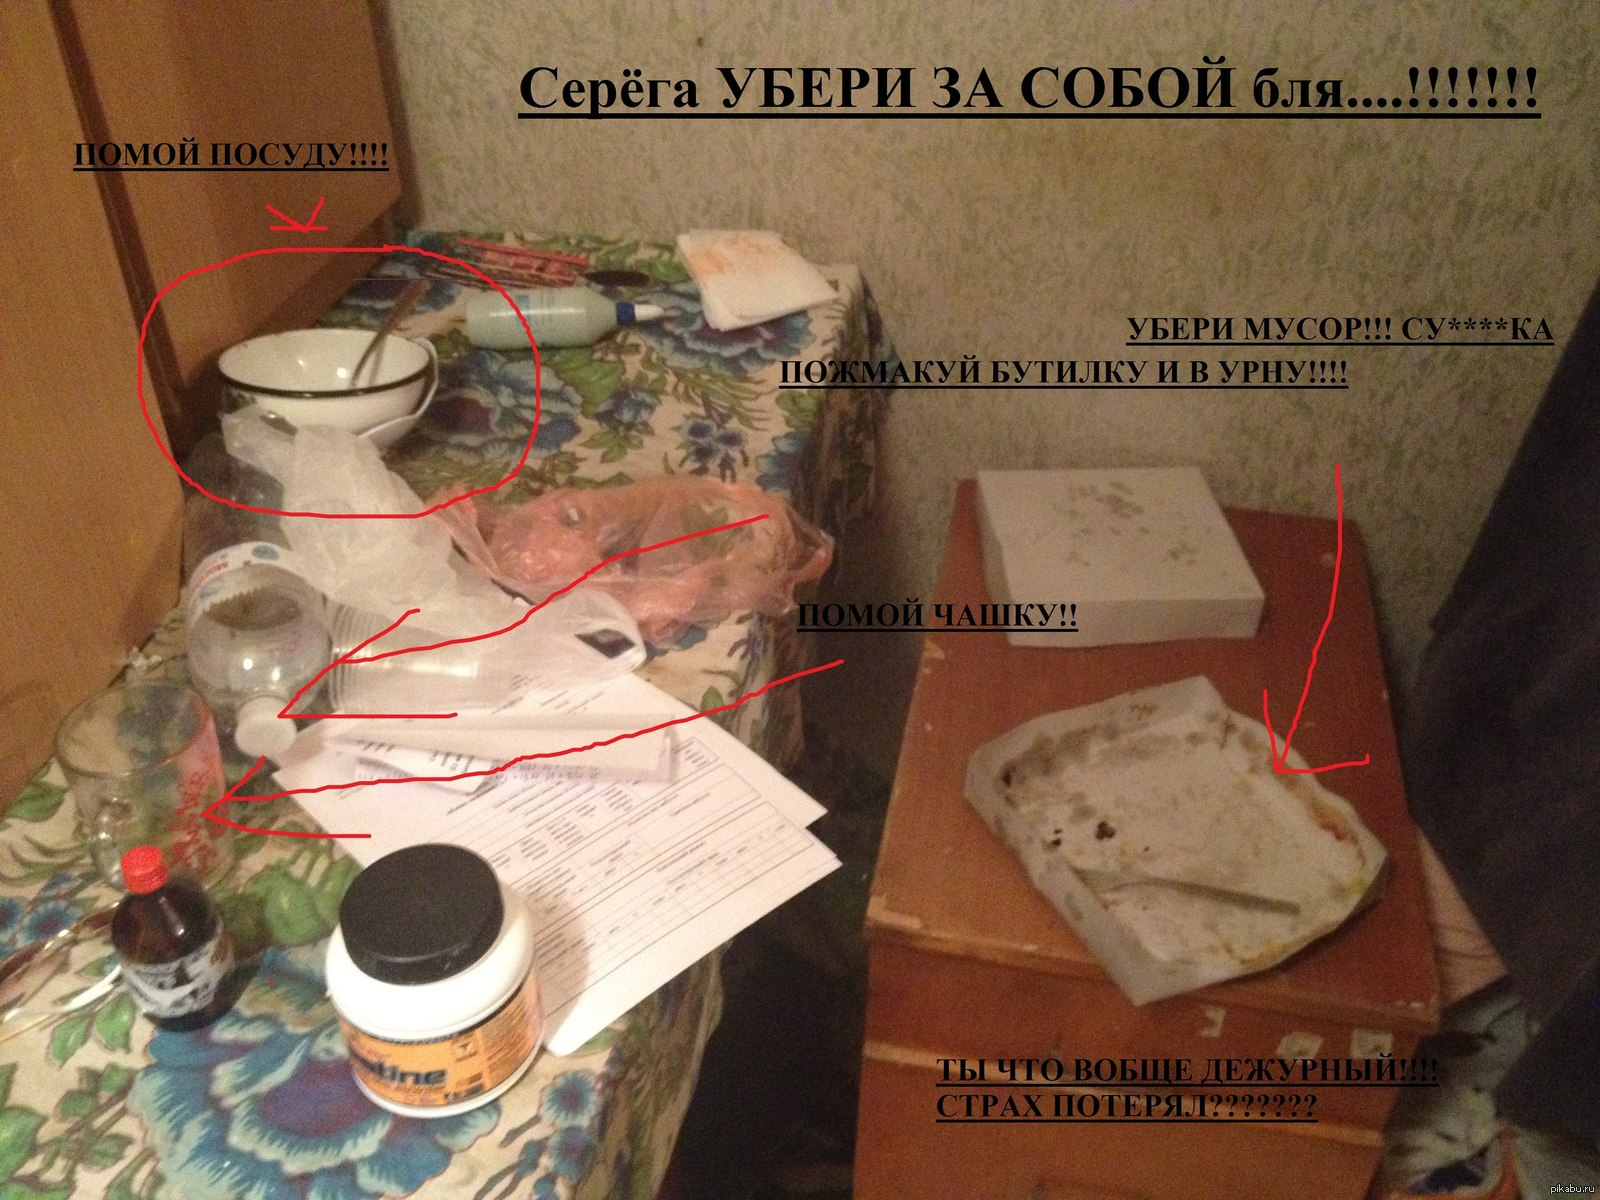 Секс в общаге казахстан 3 фотография